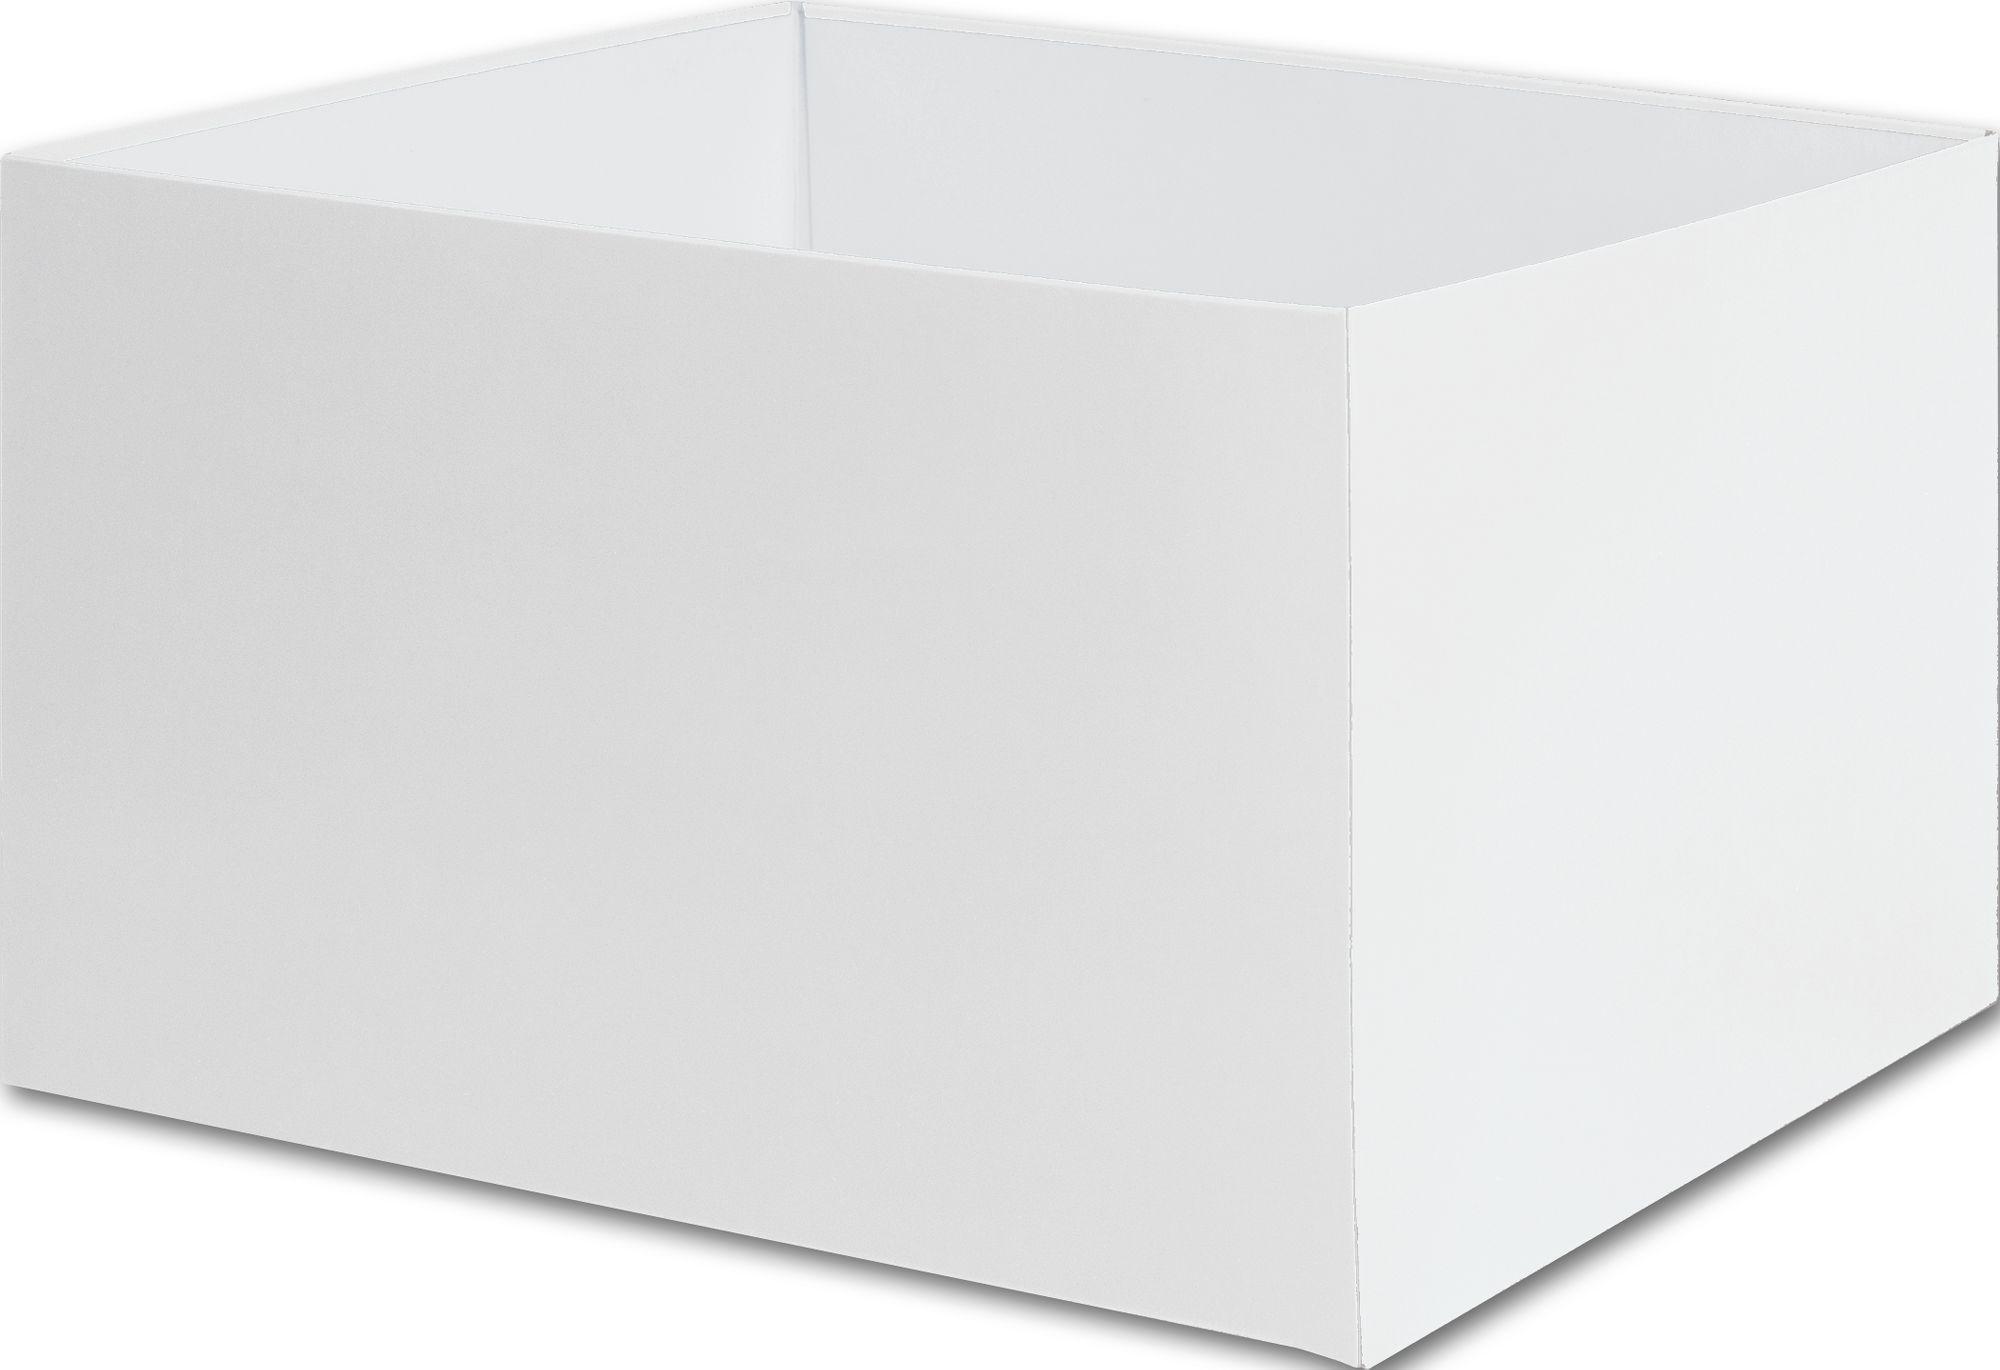 White Gift Box Bases 8 X 8 X 5 Sf Rosh Hoshana Gift Ideas